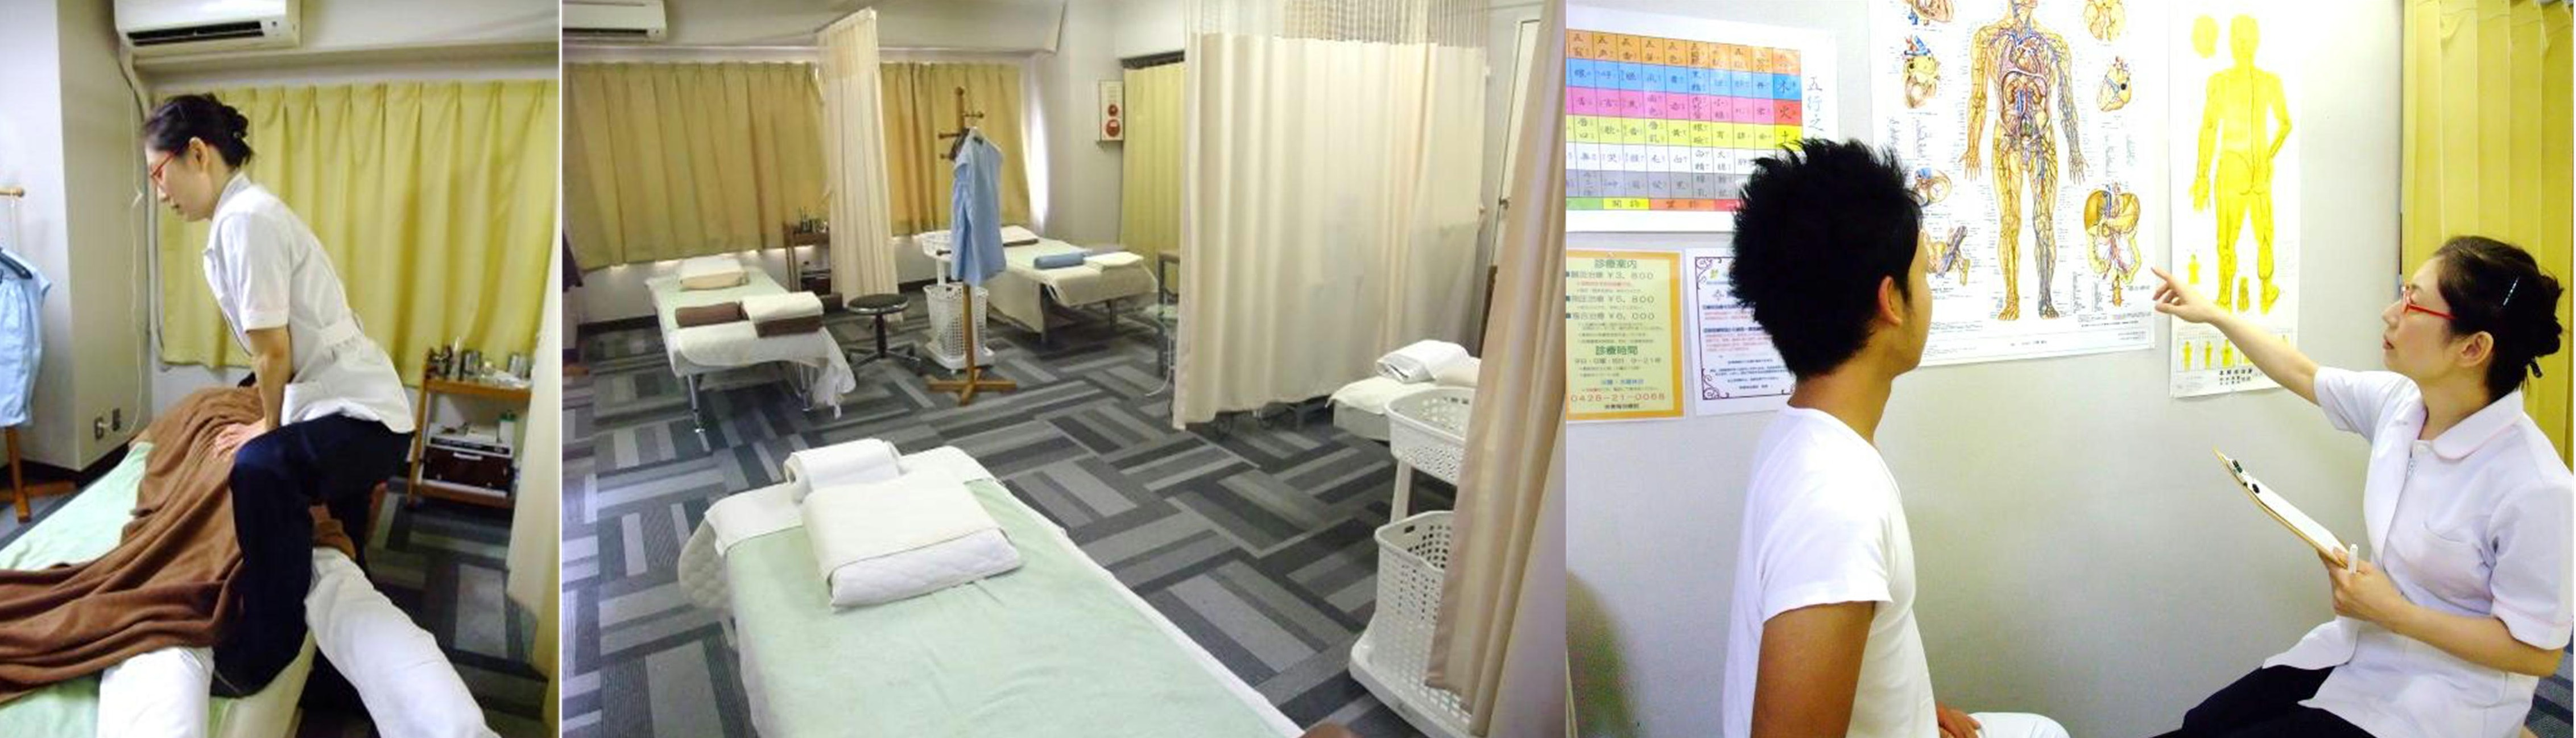 東青梅治療院院内